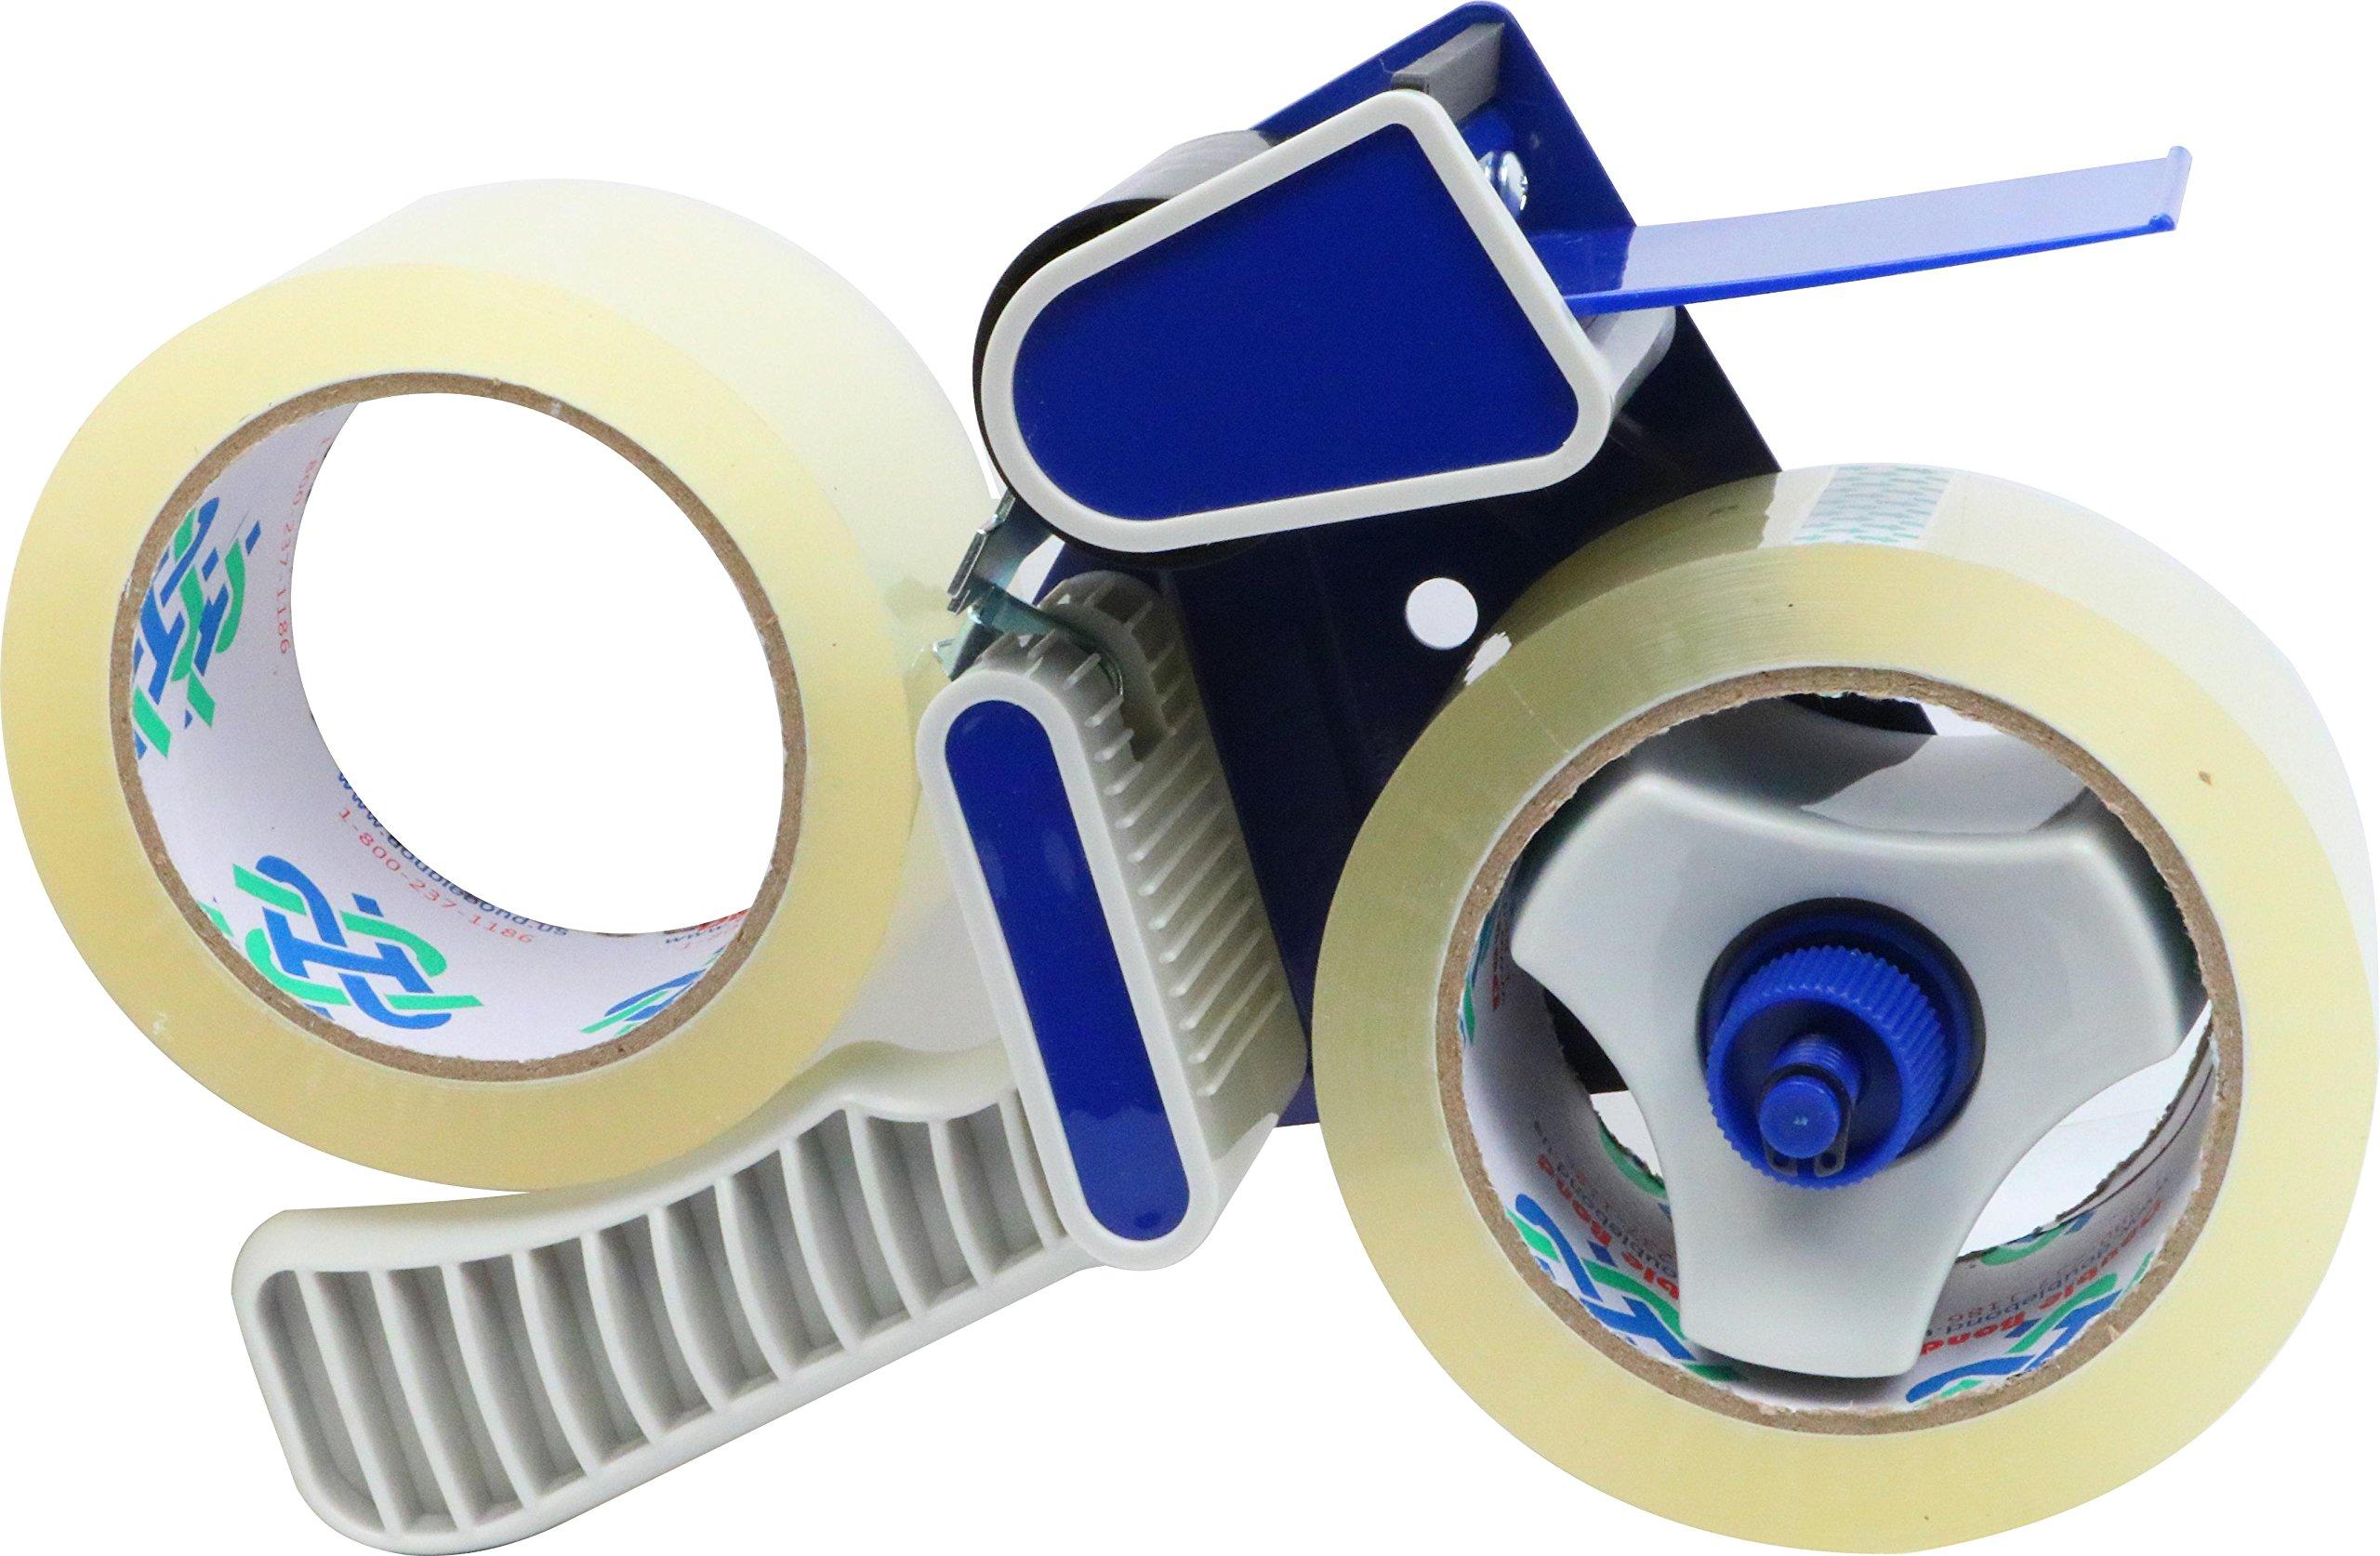 2-Inch Hand-Held Tape Dispenser + 2 Rolls Tape (1.8 Mil)